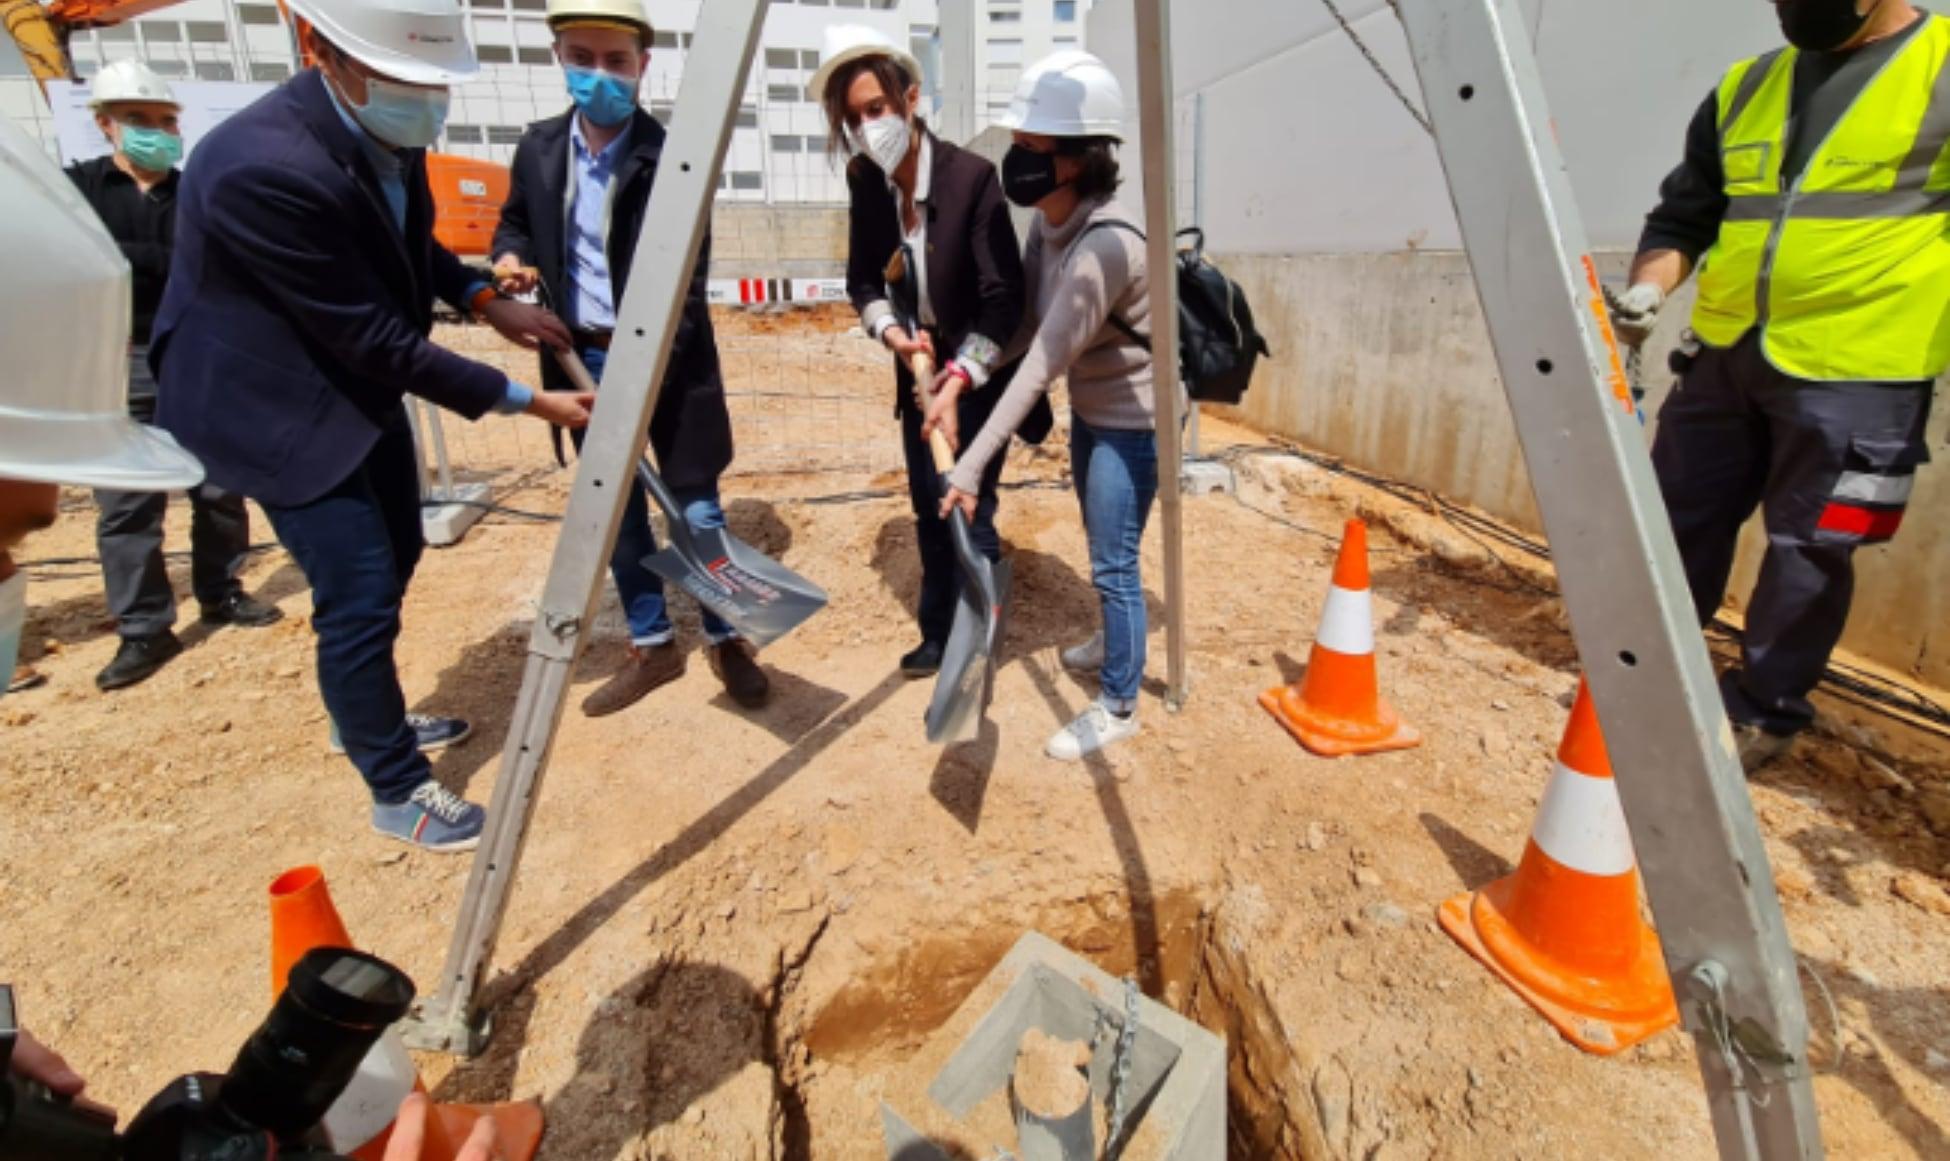 Amb l'inici de la nova promoció de la carretera de Barcelona, Sabadell comença a materialitzar els projectes per construir 528 pisos de lloguer protegit a la ciutat